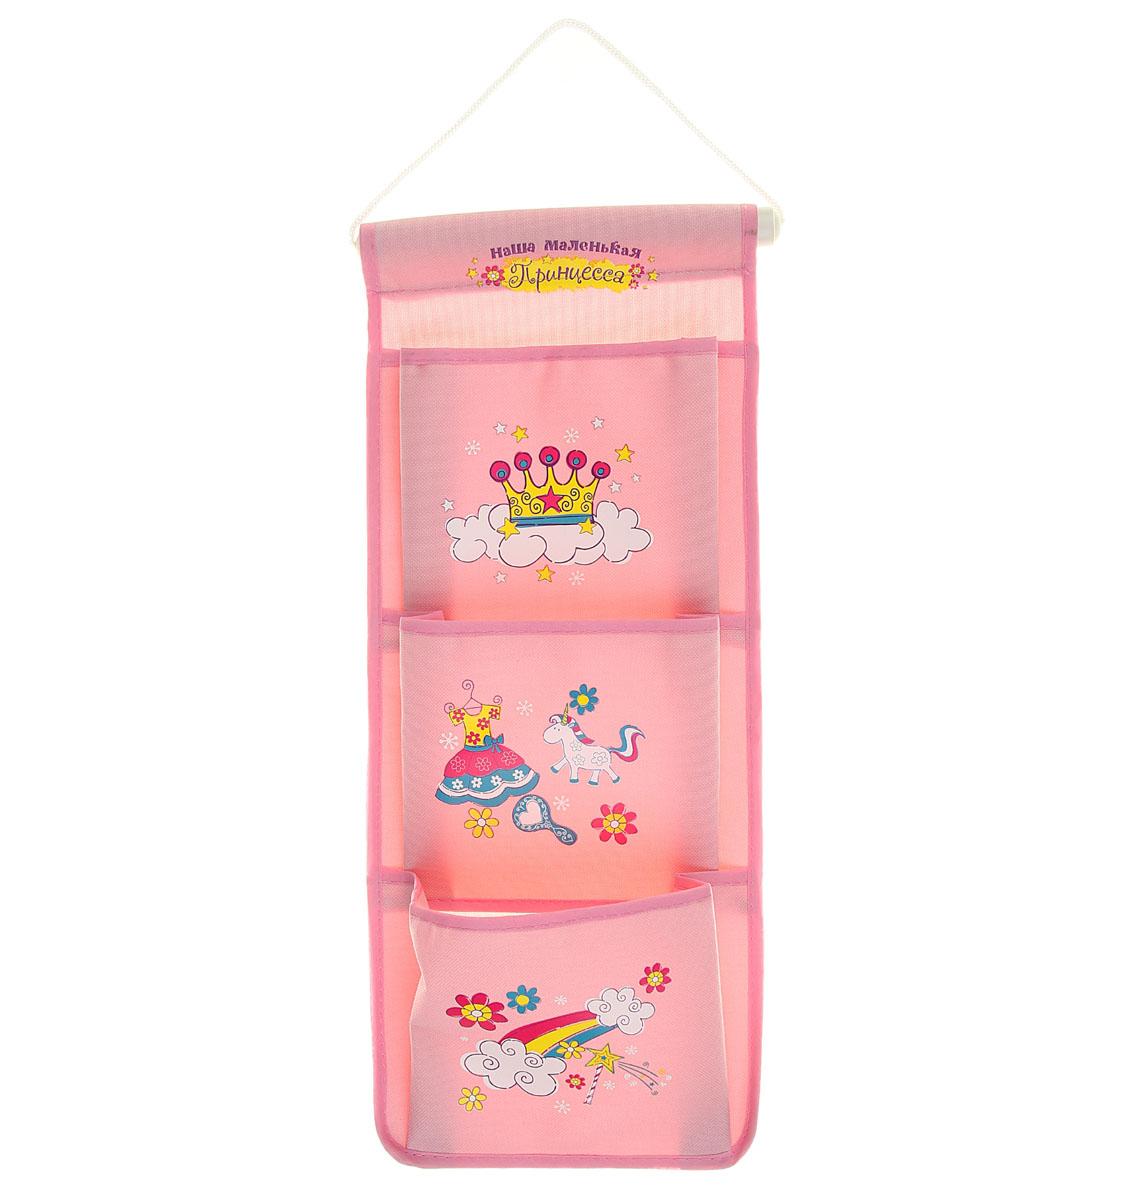 Кармашки на стену Sima-land Наша маленькая принцесса, цвет: розовый, белый, желтый, 3 шт кармашки на стену для бани sima land банные мелочи цвет белый 3 шт